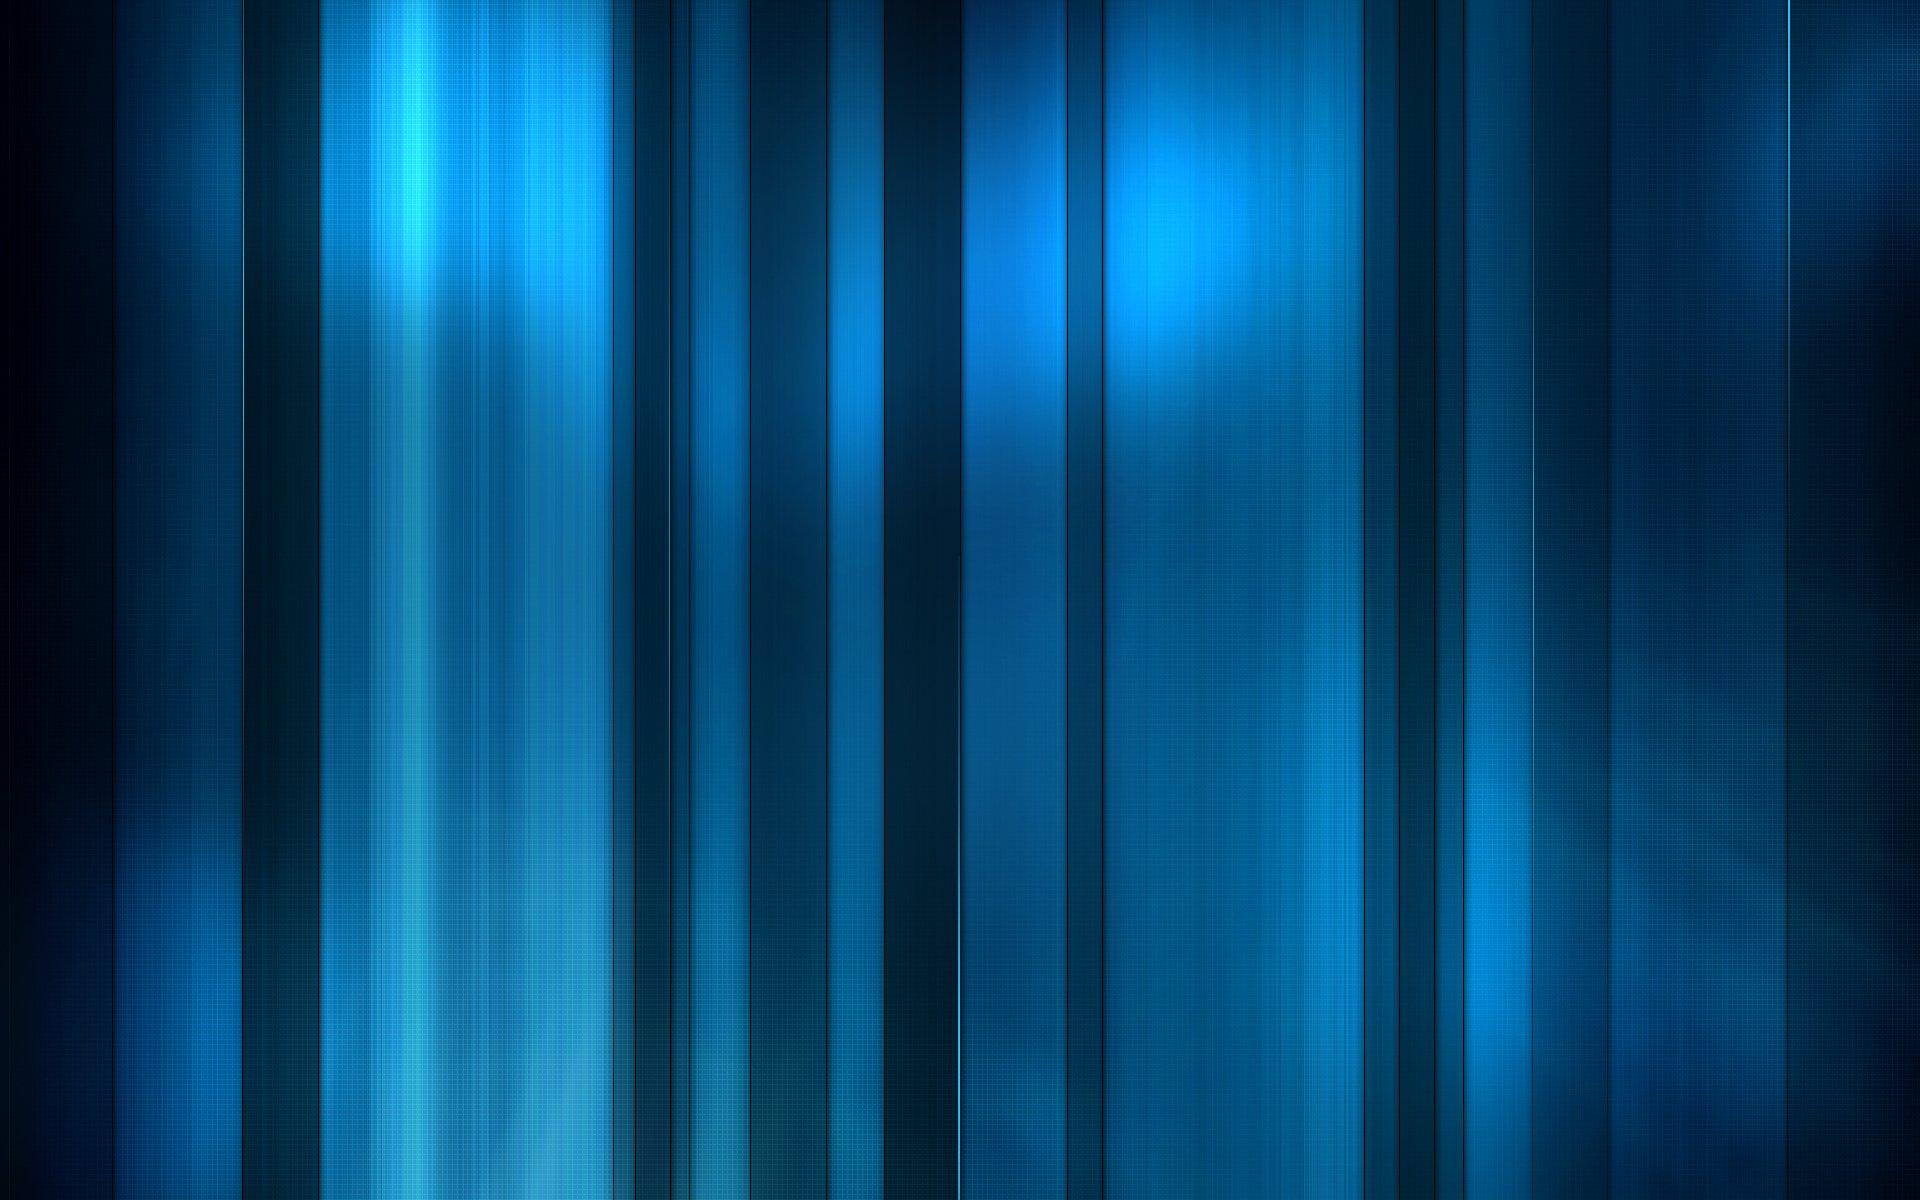 линии синие текстуры без смс